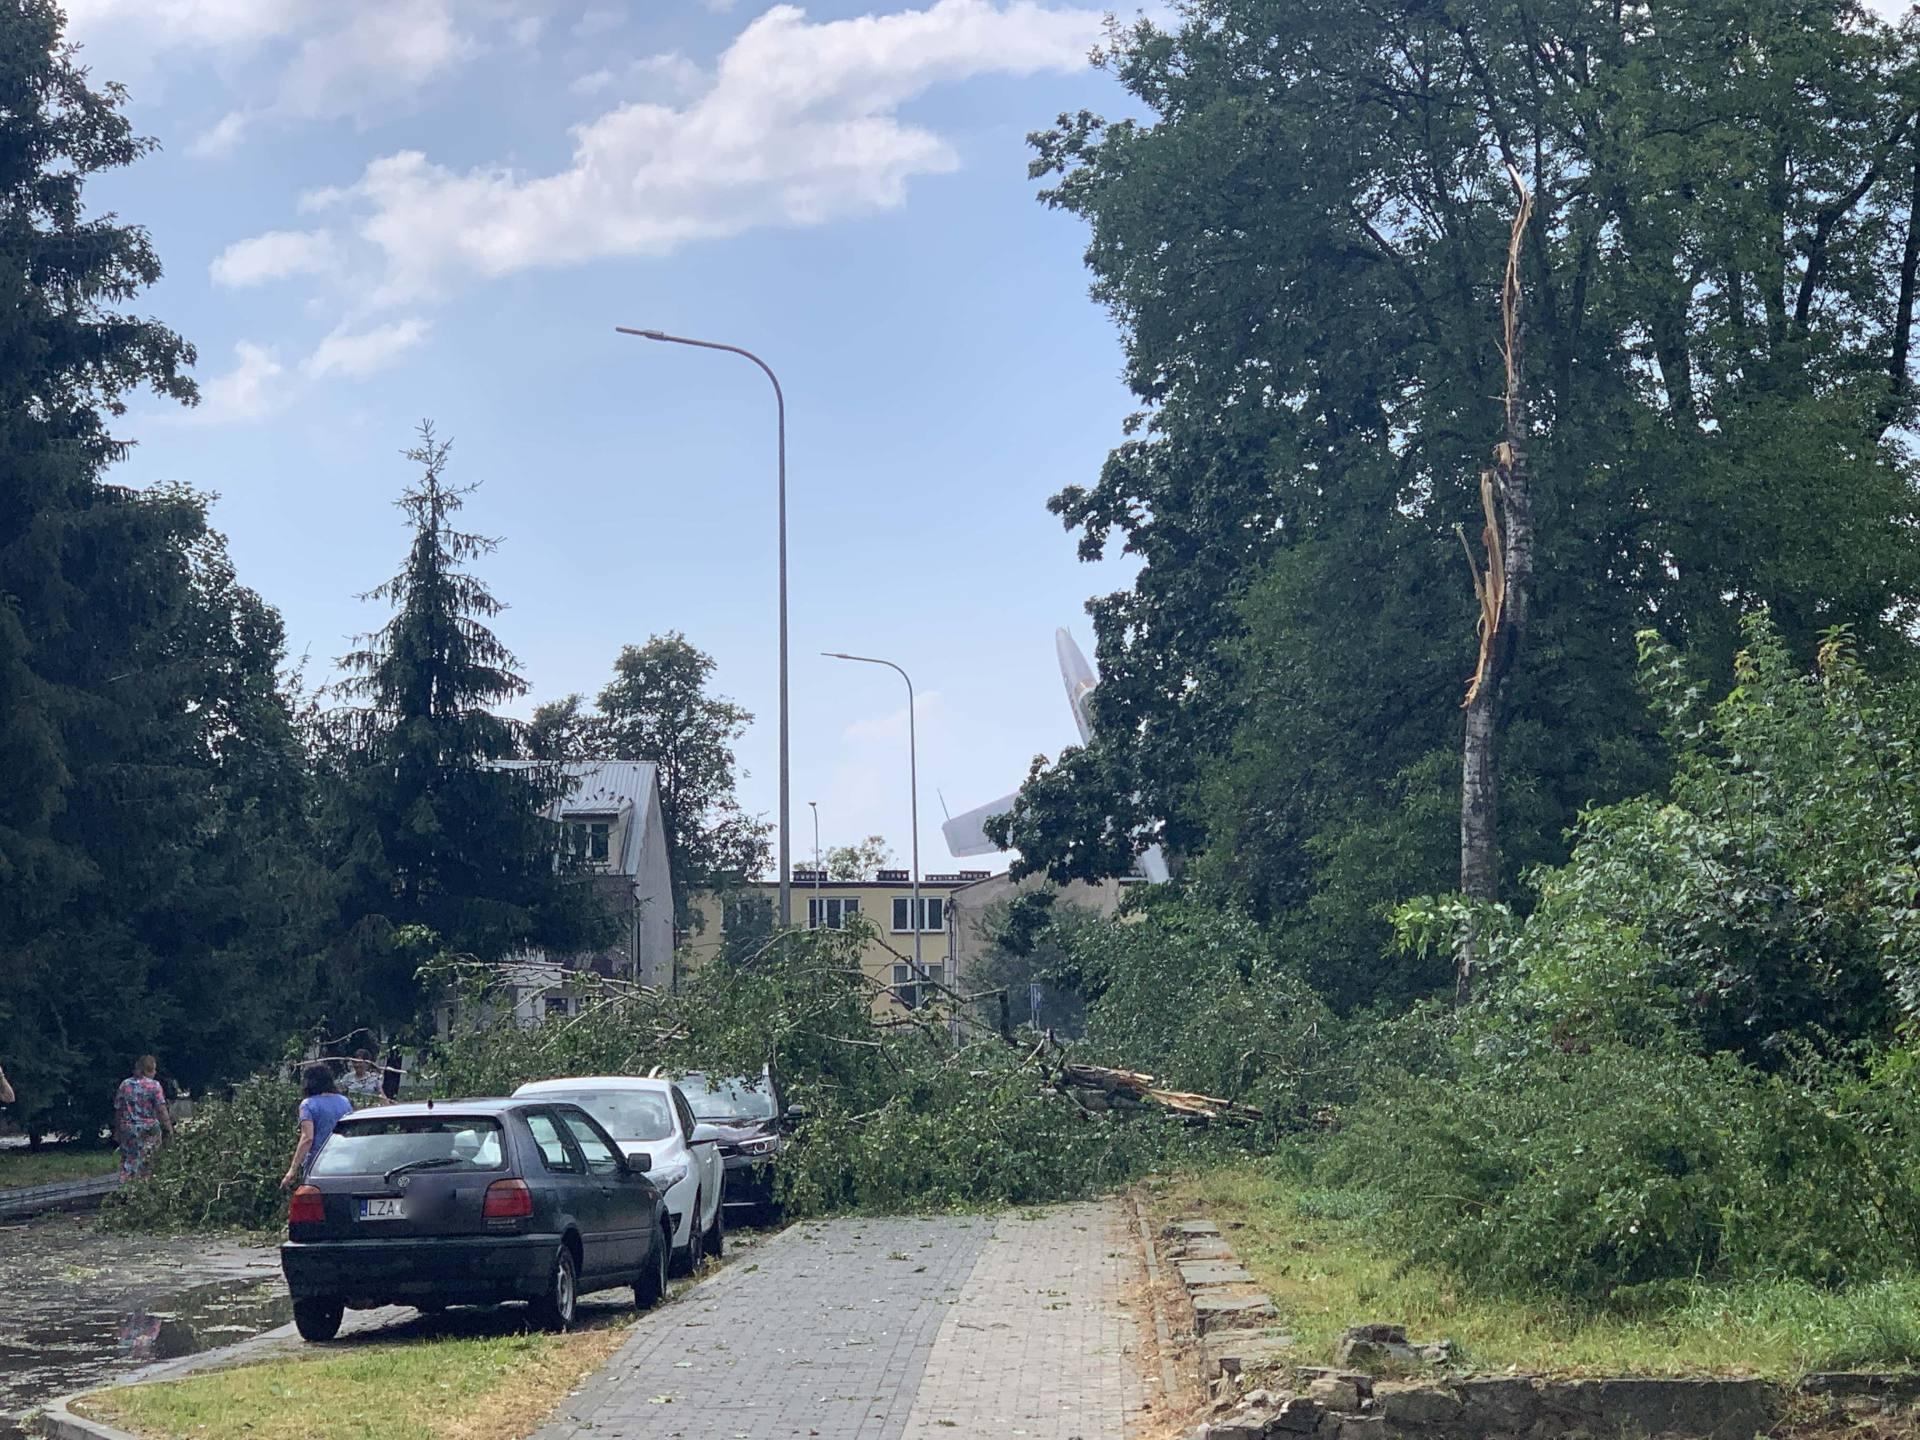 img 0964 Zerwane dachy, połamane drzewa, uszkodzone samochody. Straty po burzy, która przeszła nad Zamojszczyzną